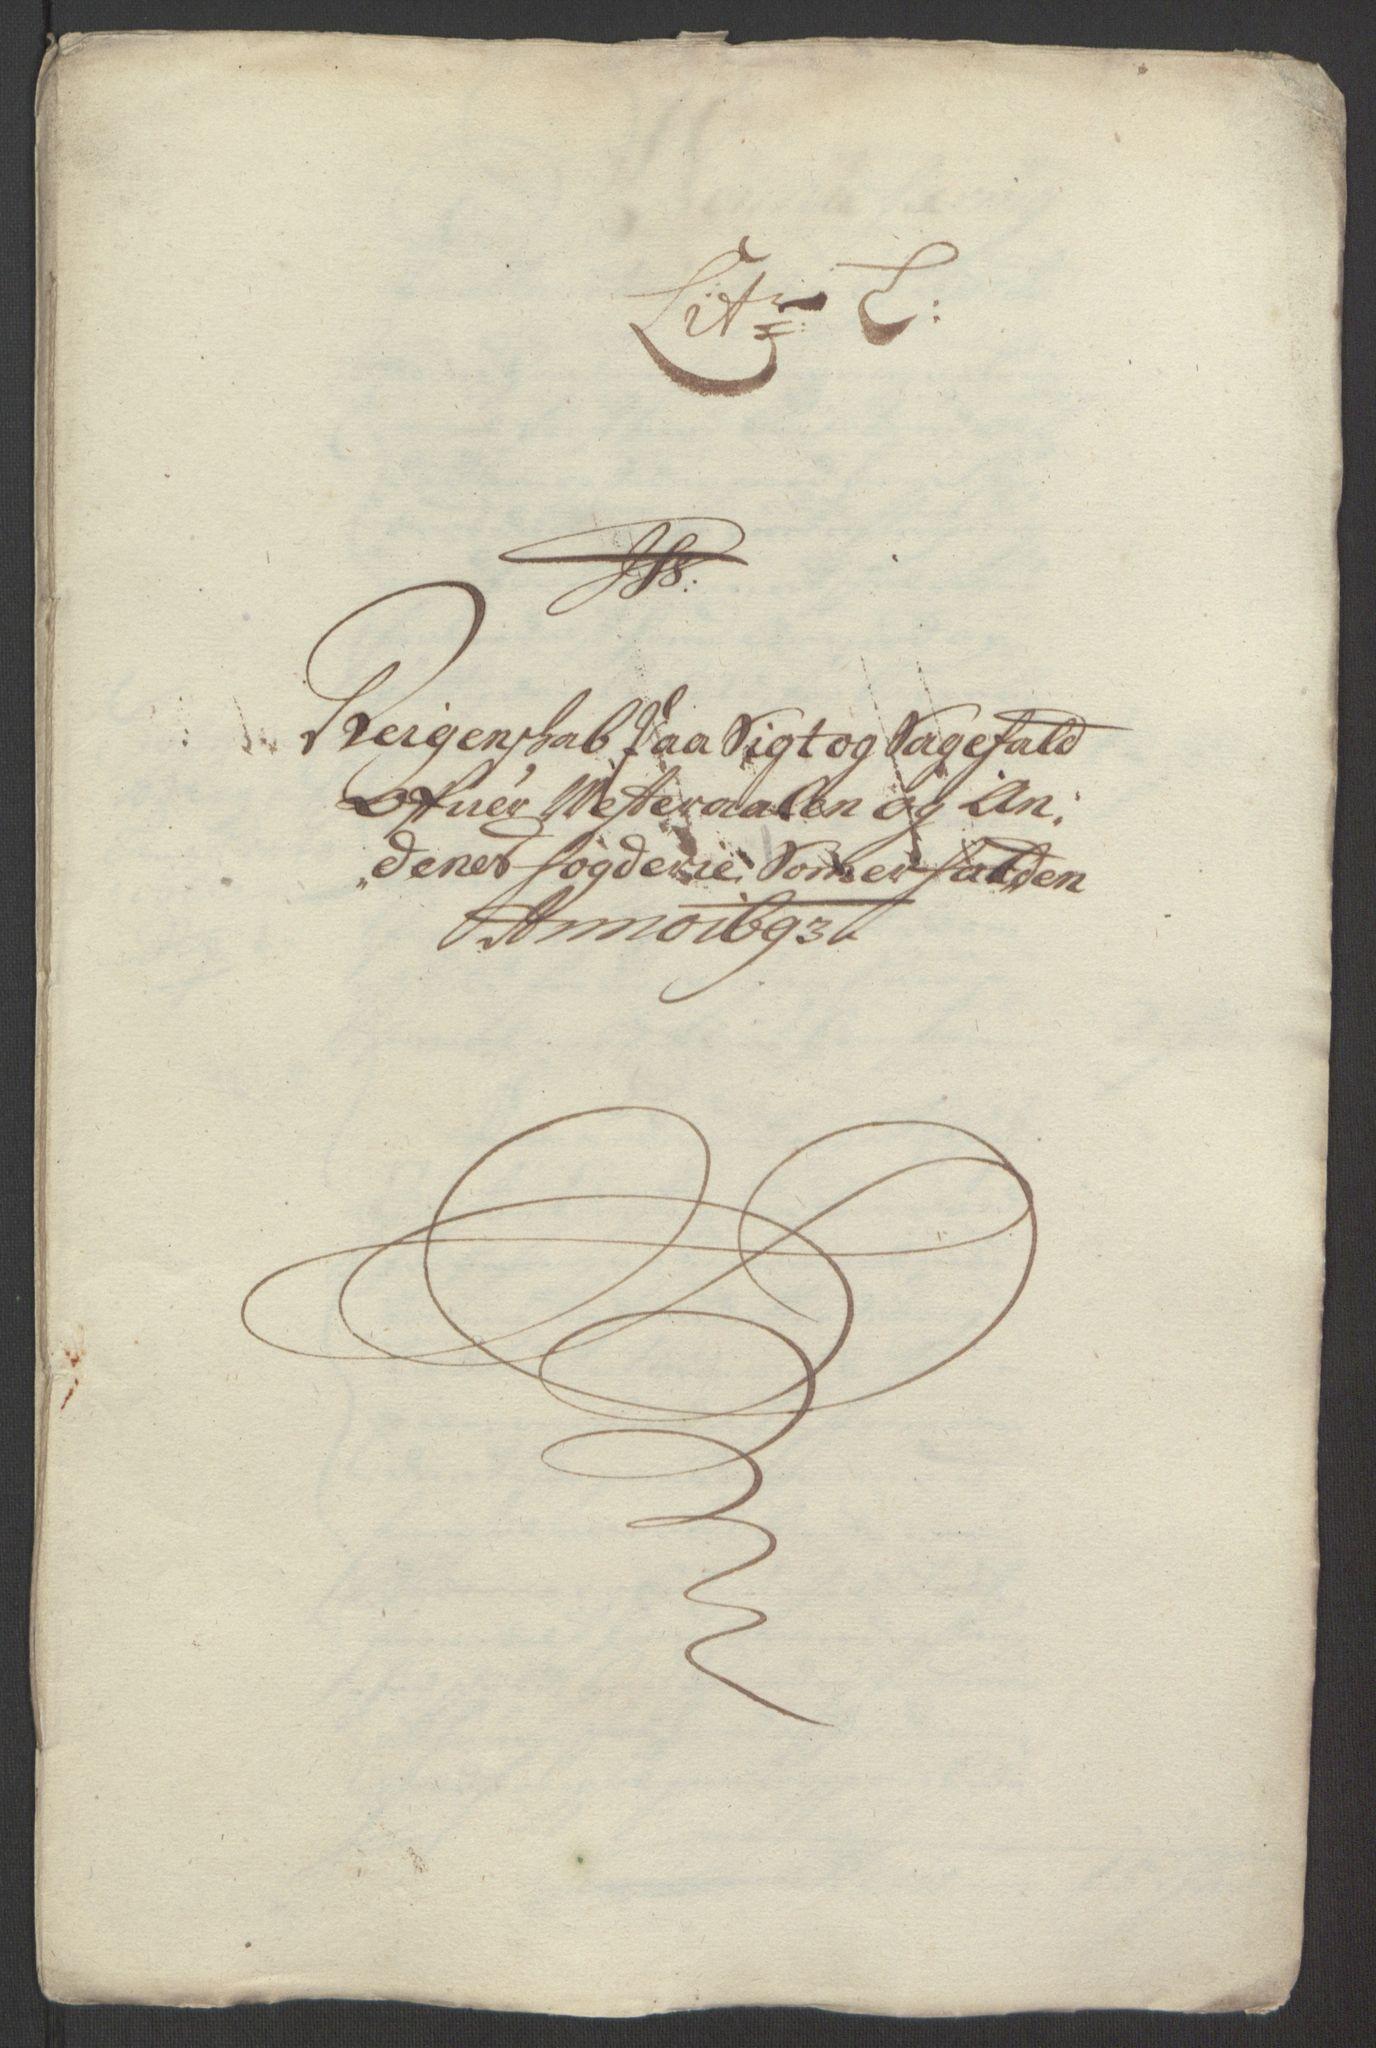 RA, Rentekammeret inntil 1814, Reviderte regnskaper, Fogderegnskap, R67/L4676: Fogderegnskap Vesterålen, Andenes og Lofoten, 1691-1693, s. 337